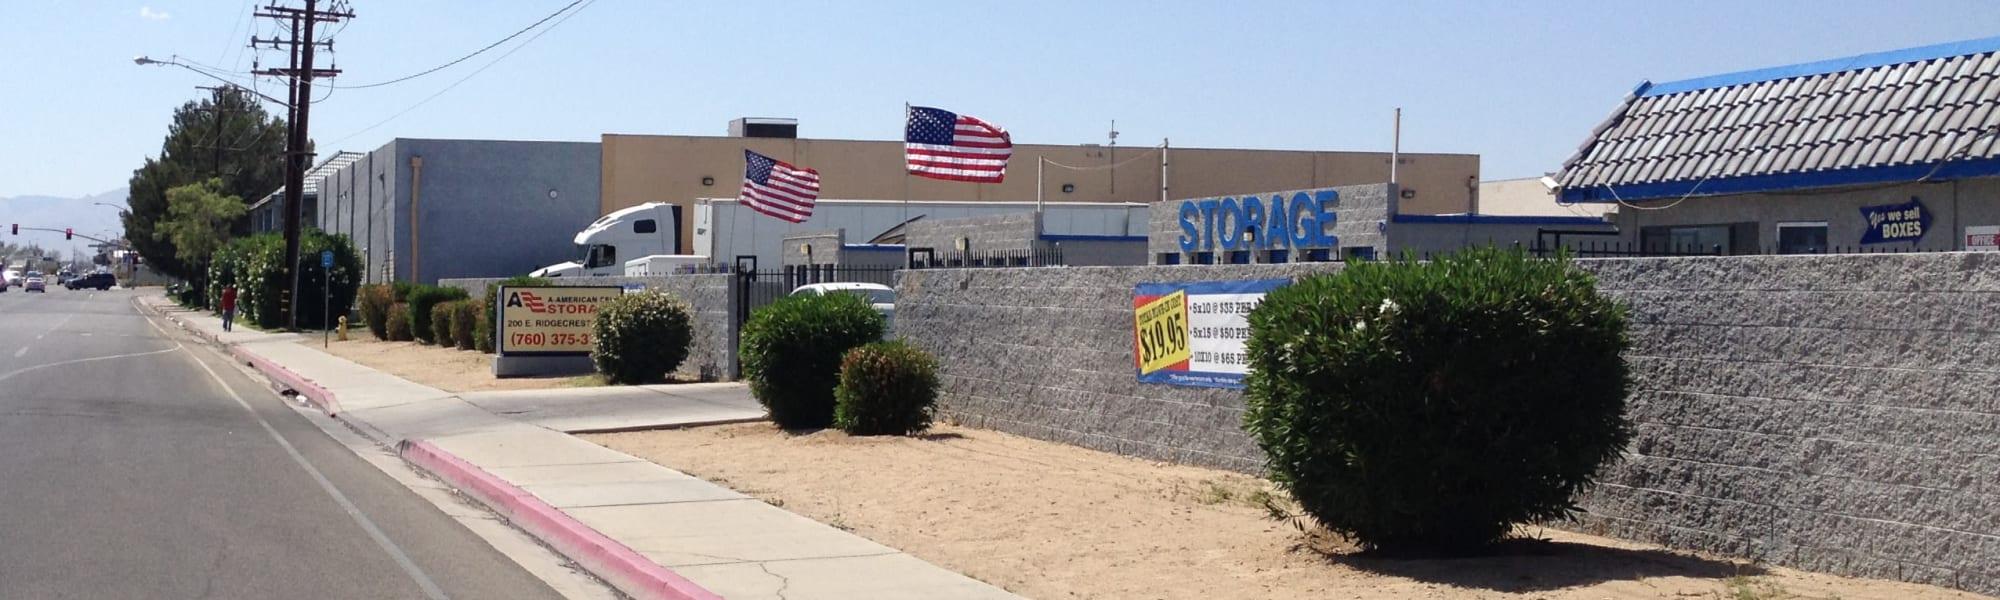 A-American Self Storage in Ridgecrest, California